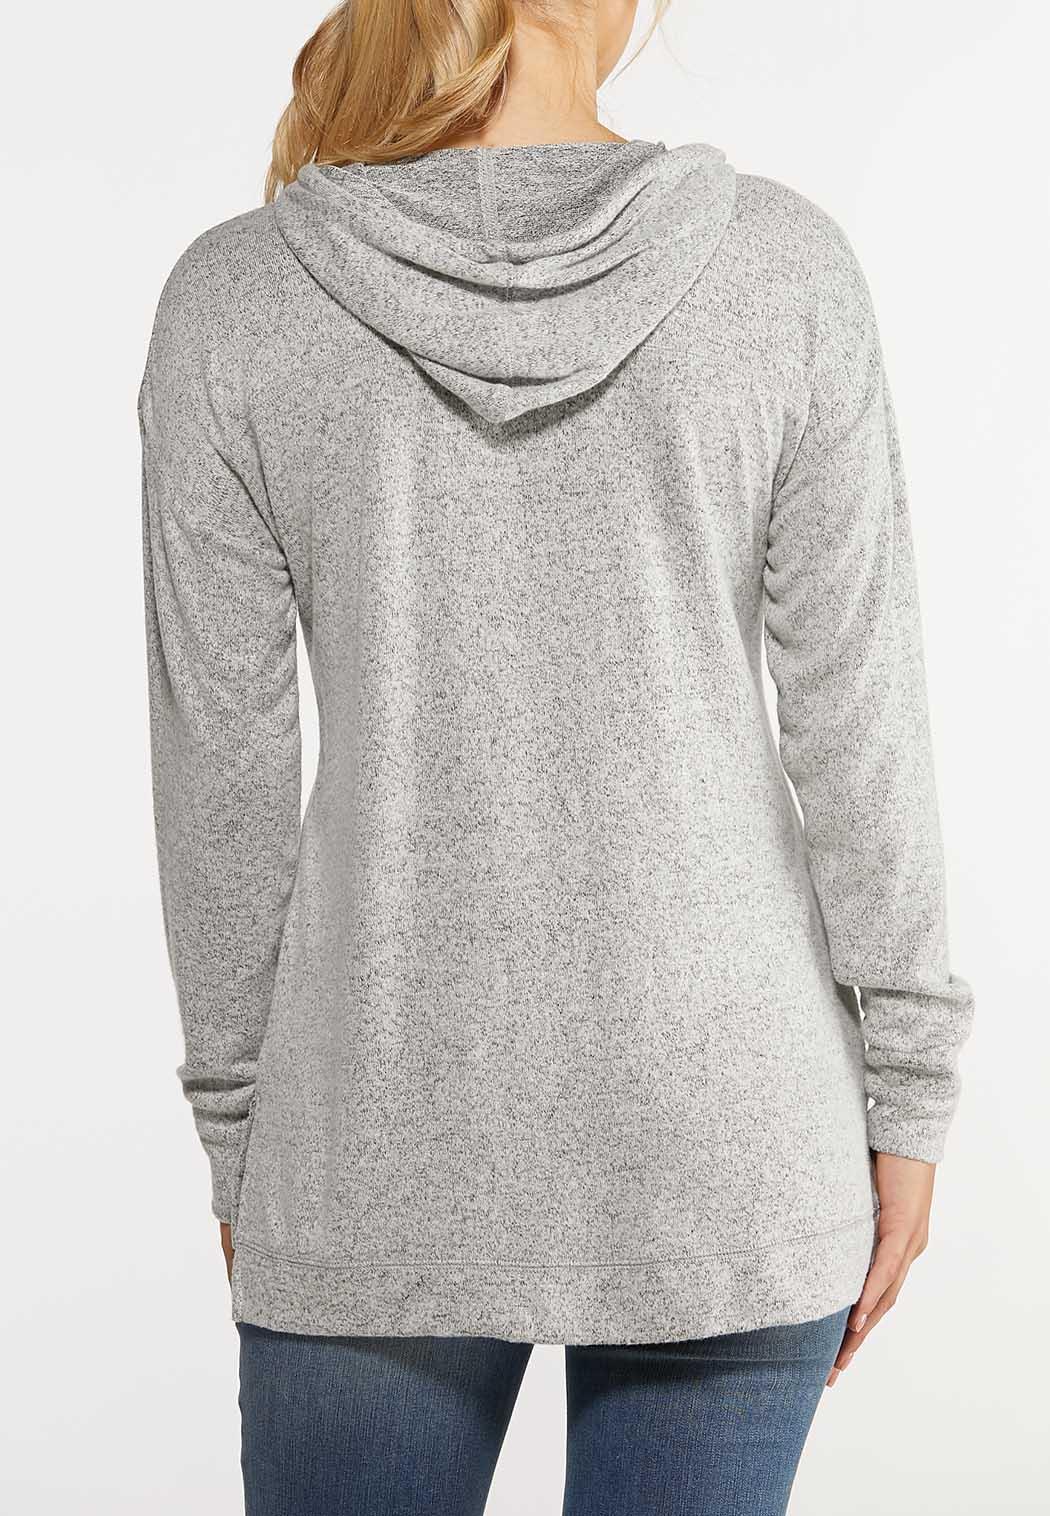 Sequin Love Hooded Top (Item #44022444)